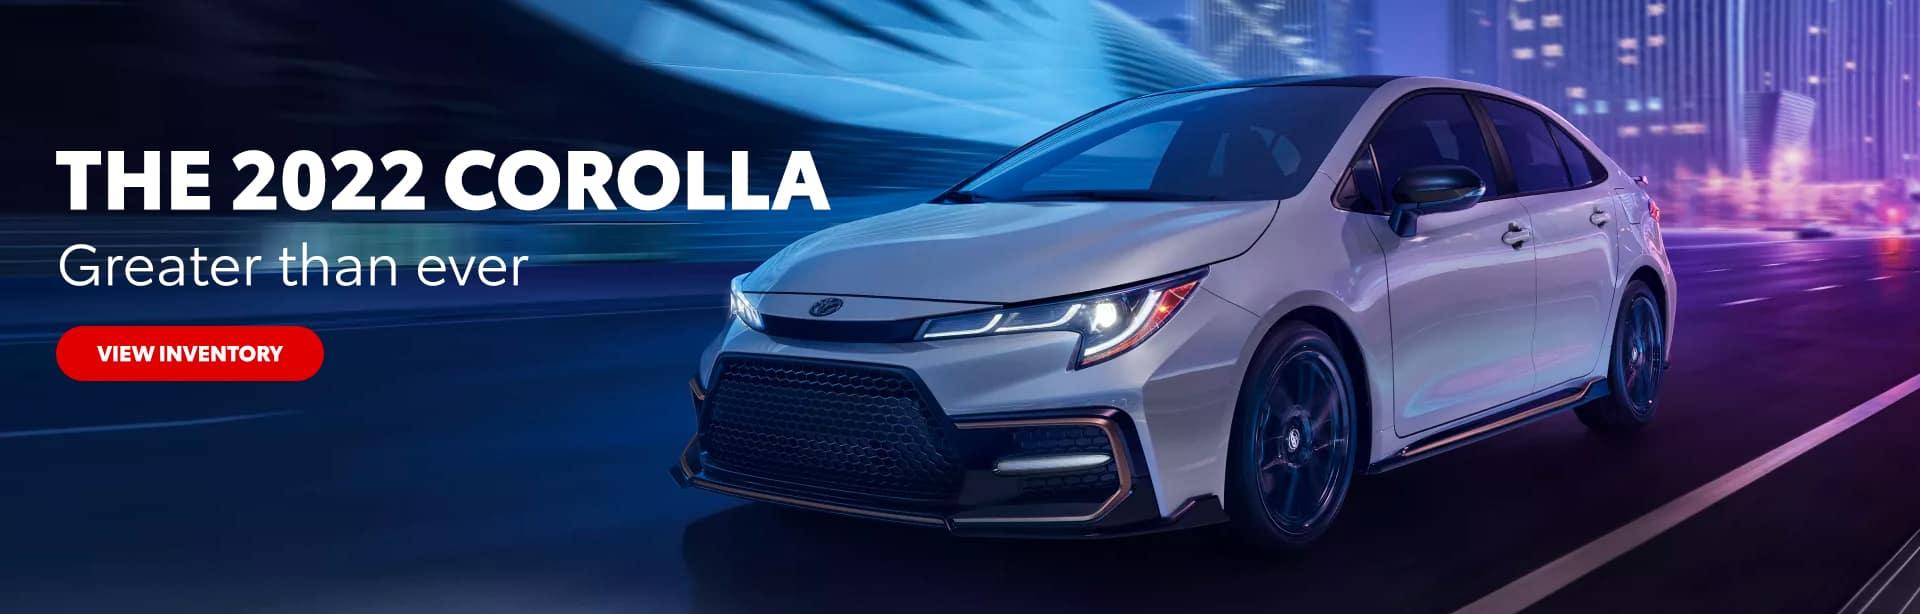 The 2022 Corolla